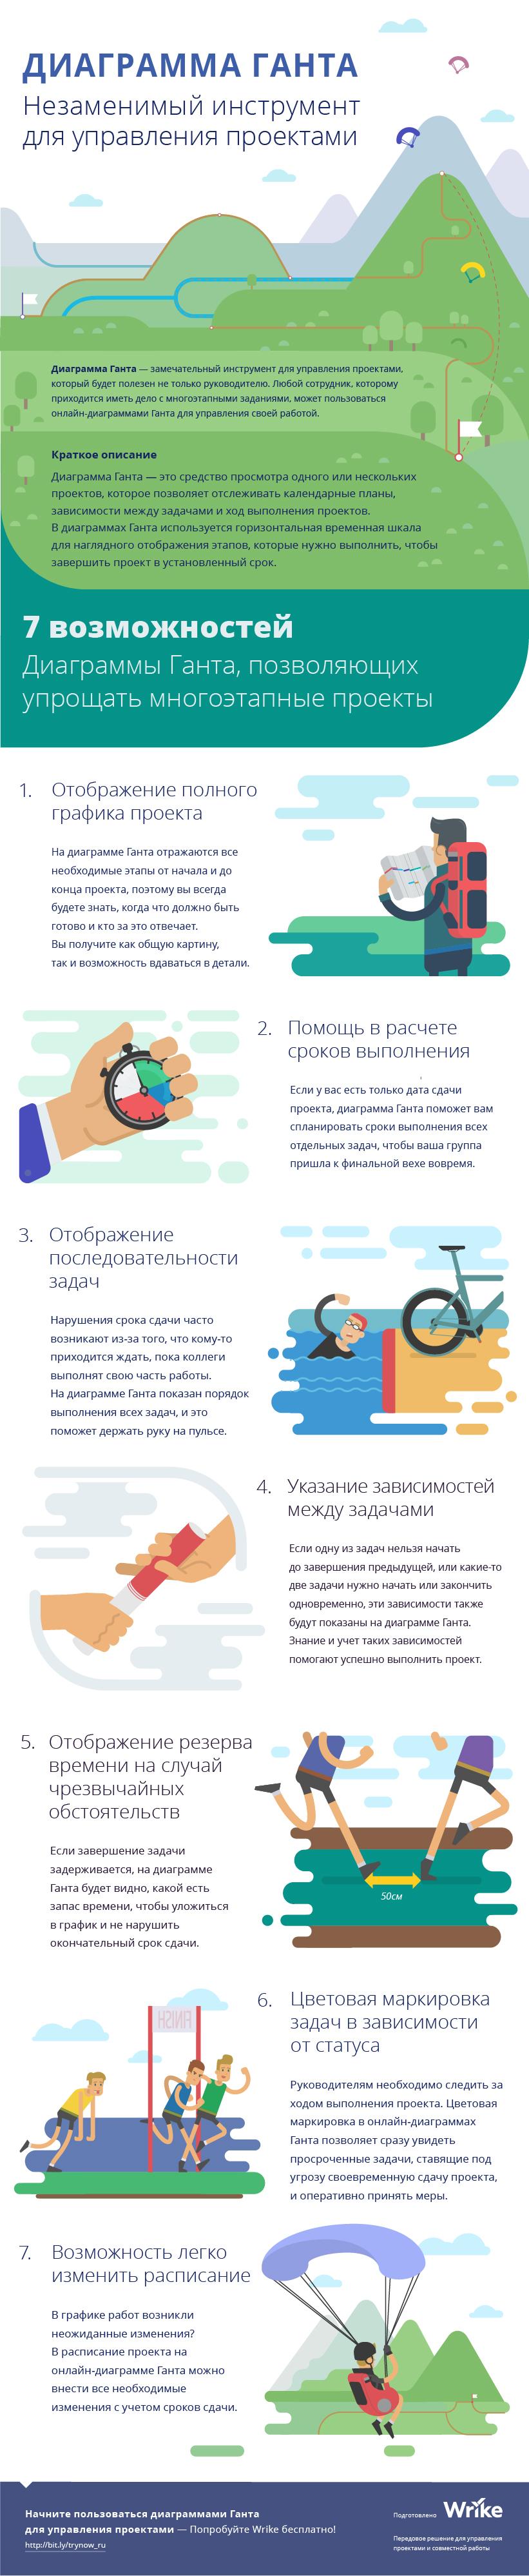 Диаграмма Ганта — важнейший инструмент для управления проектами (#инфографика)